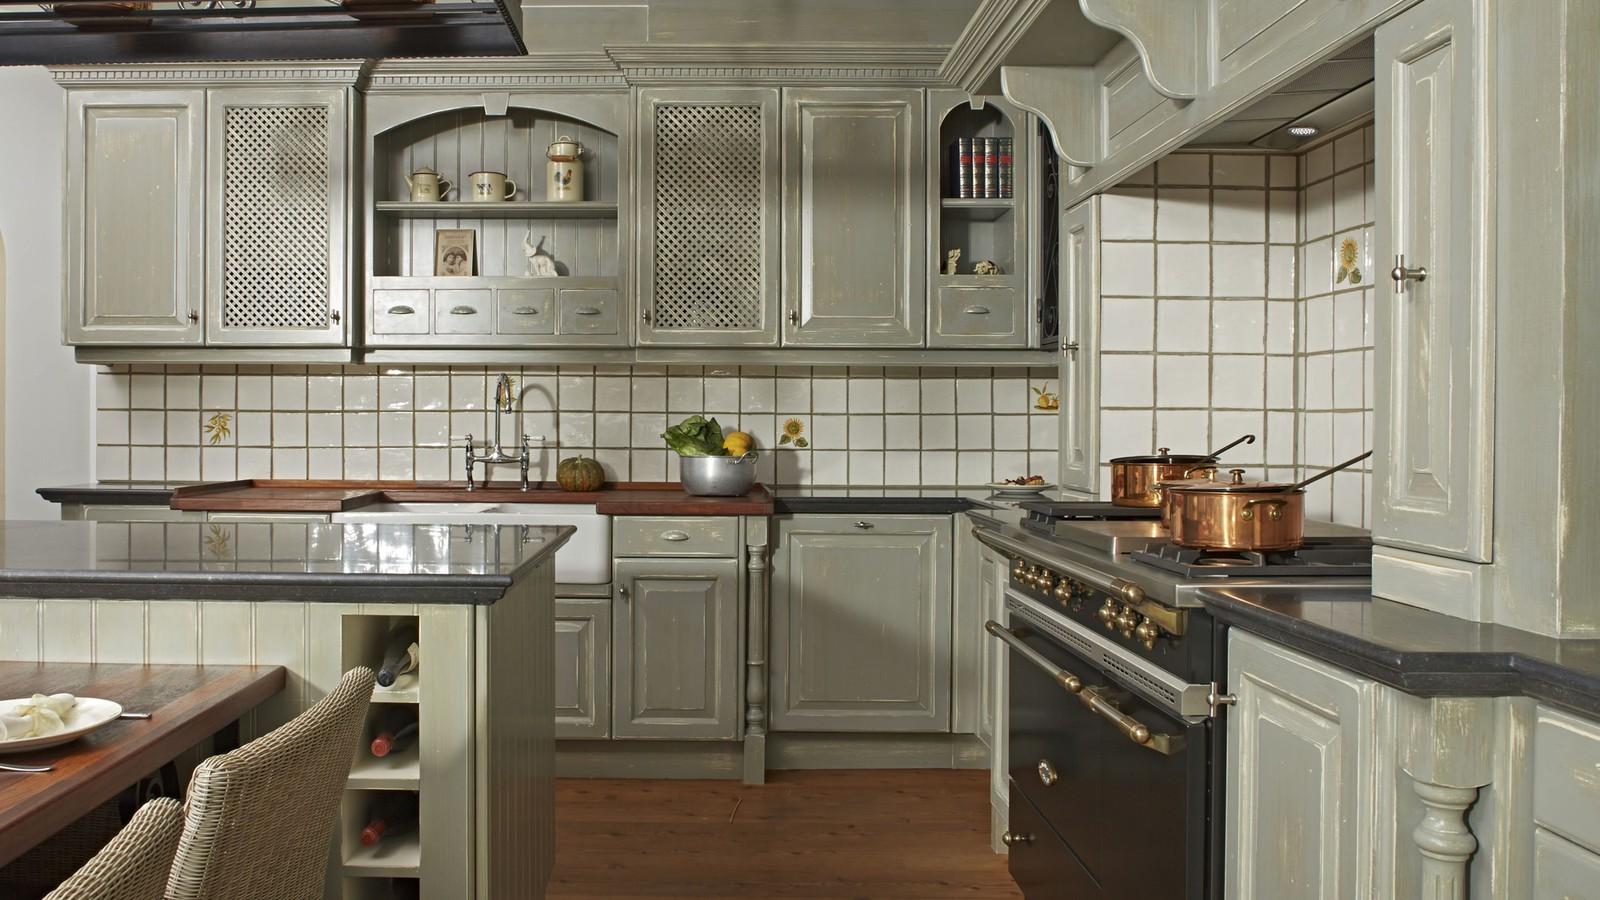 ... Lux Design keukens badkamers maatwerk Dessel Retie - Projecten Keukens